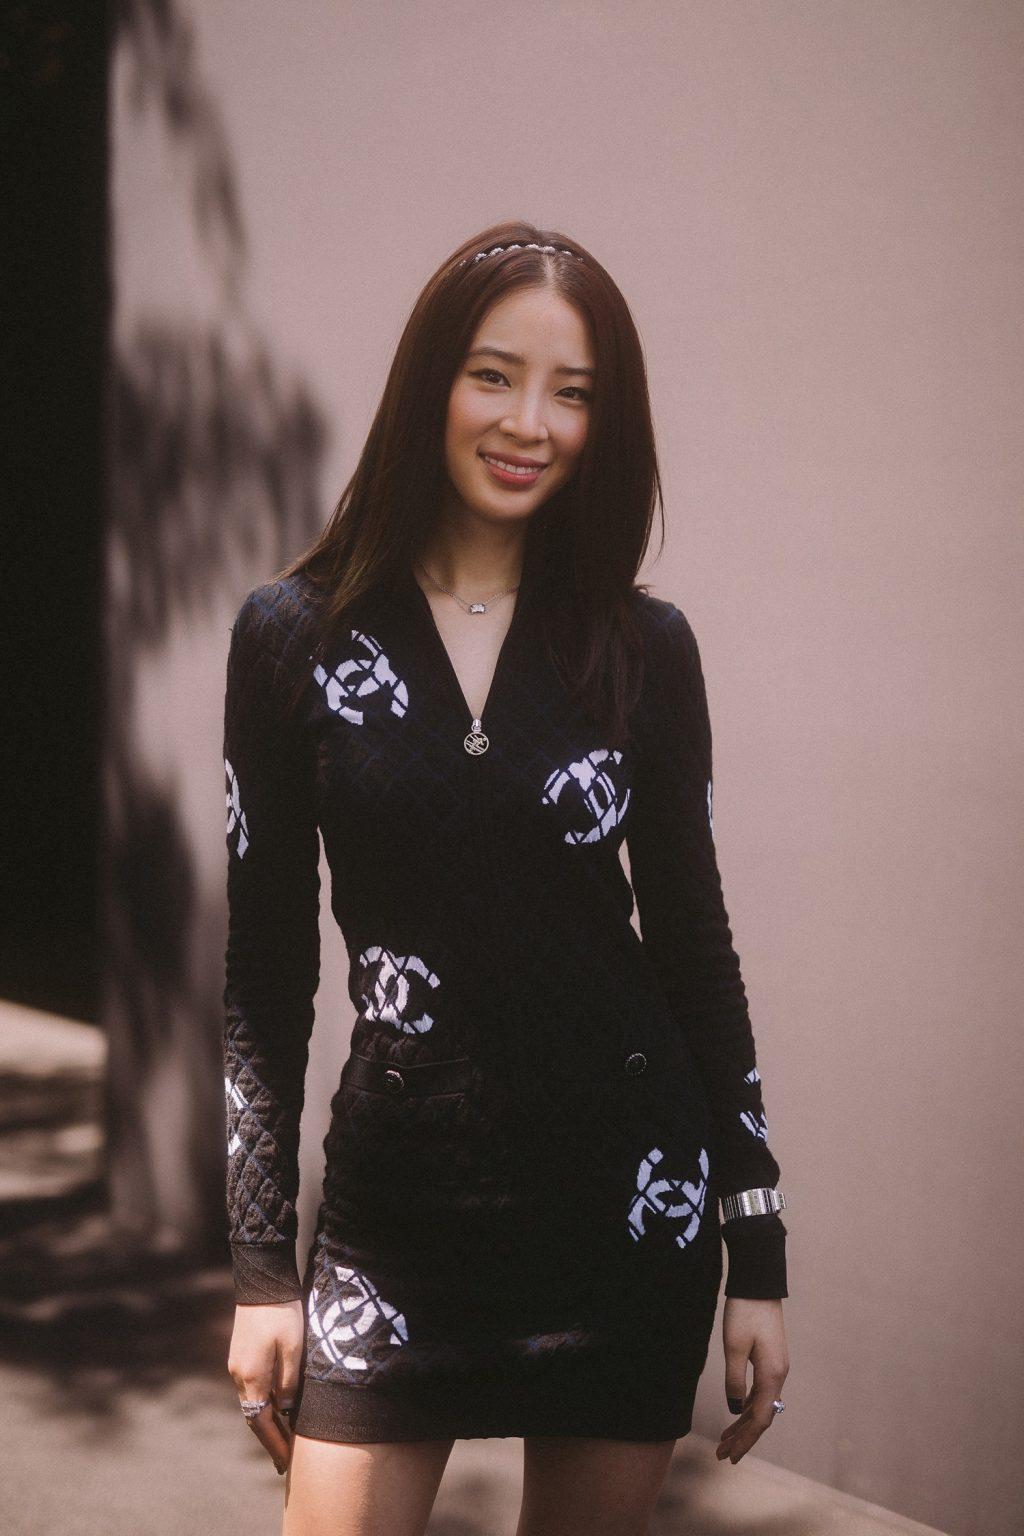 irene kim mặc đầm body đen chanel tại buổi trình diễn bst métiers d'art của chanel